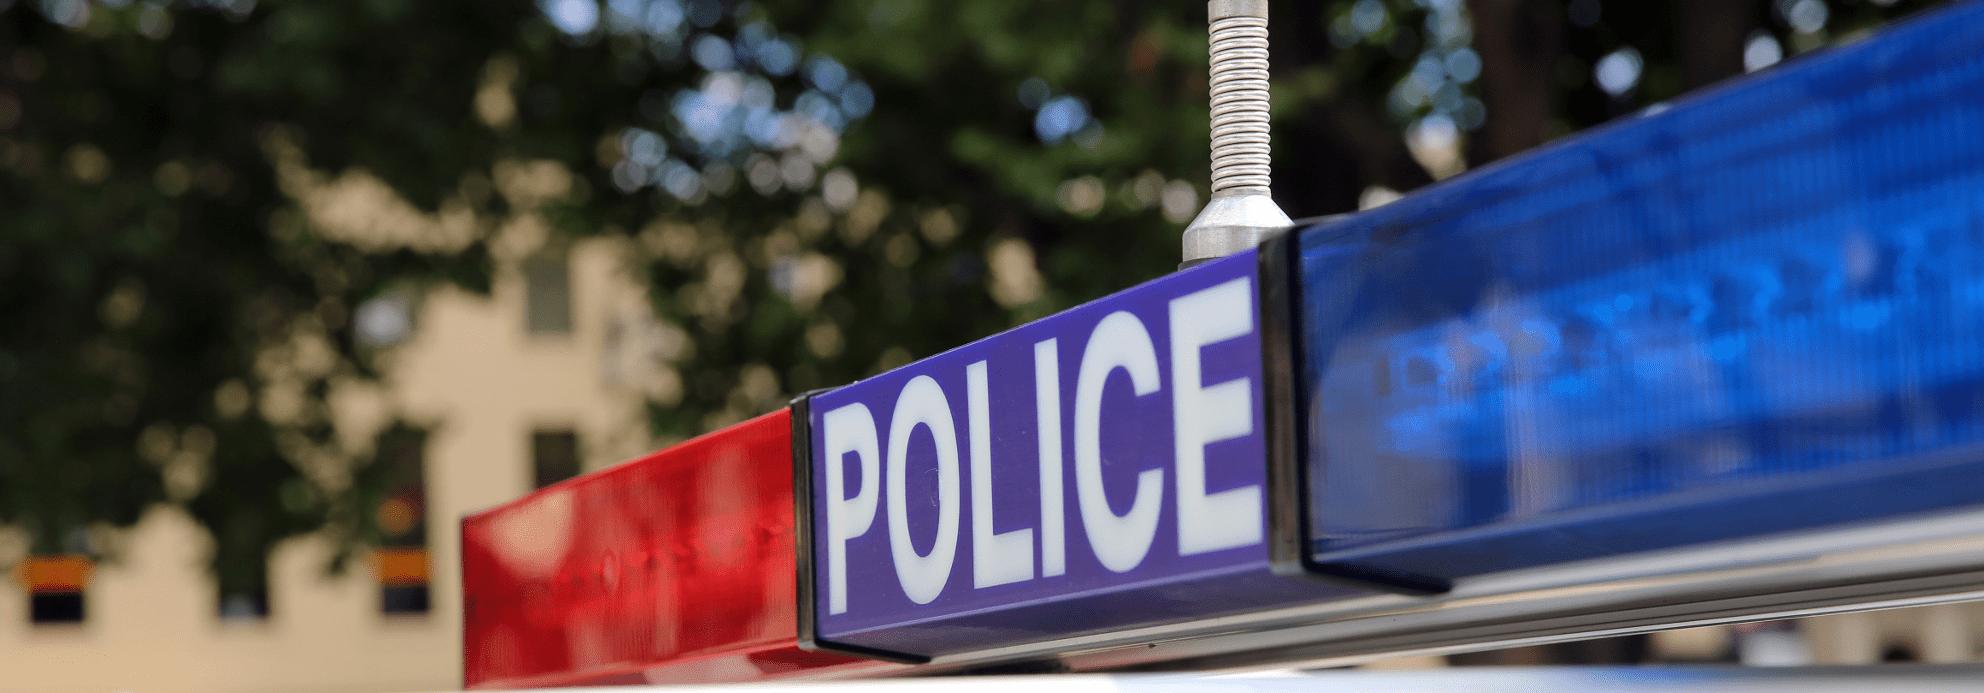 Gosford police